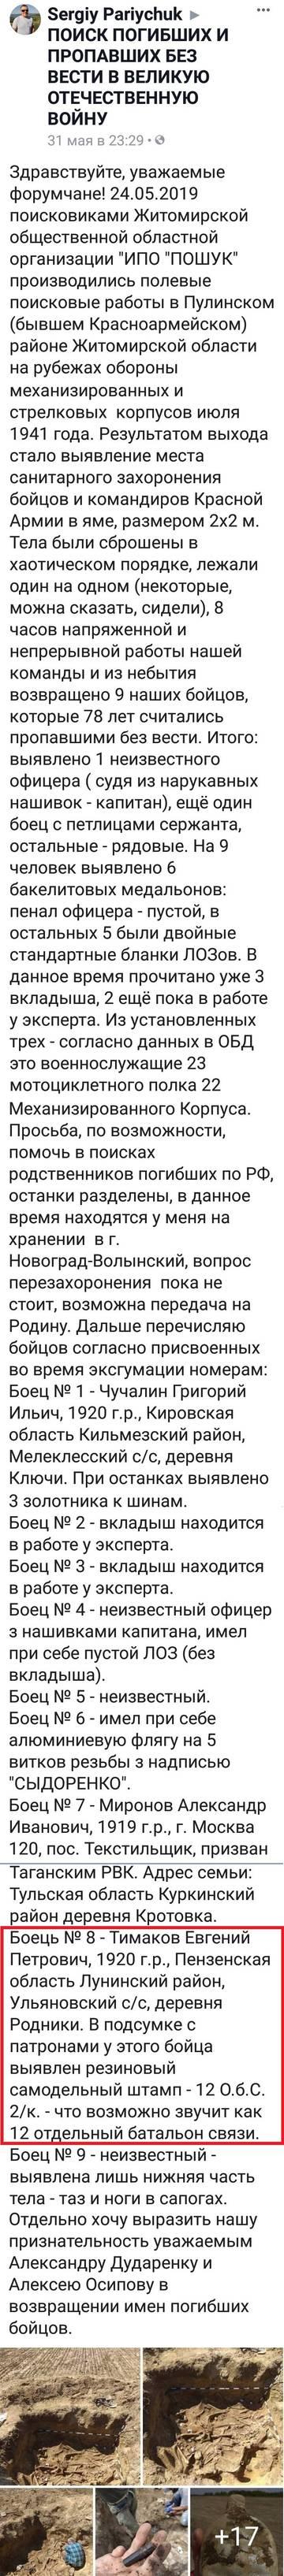 http://s3.uploads.ru/t/VtmTN.jpg